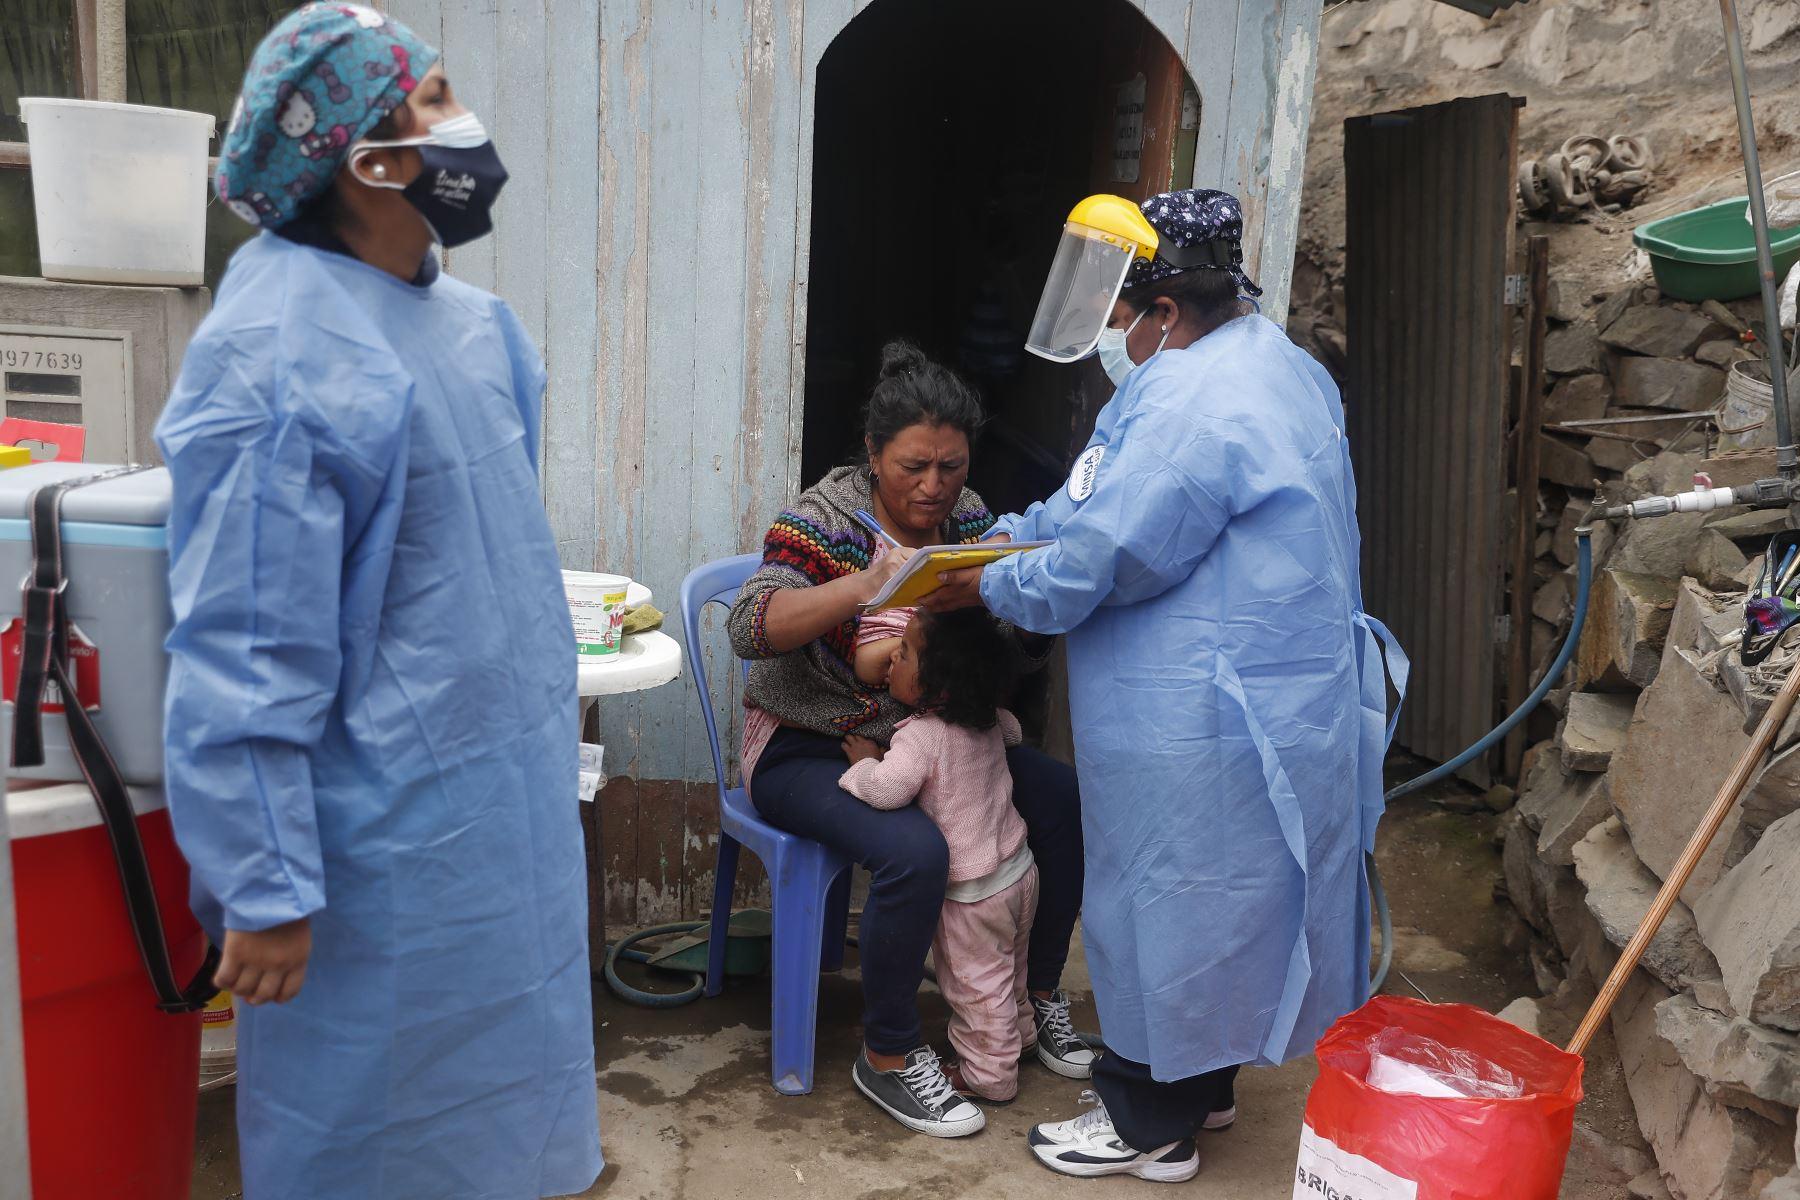 Brigadas de vacunación del Minsa llegaron a los AA.HH. Valle Bajo y Valle Alto, en el distrito de Villa María del Triunfo, para continuar fortaleciendo campaña de inmunización contra el Covid-19. Foto: ANDINA/Renato Pajuelo